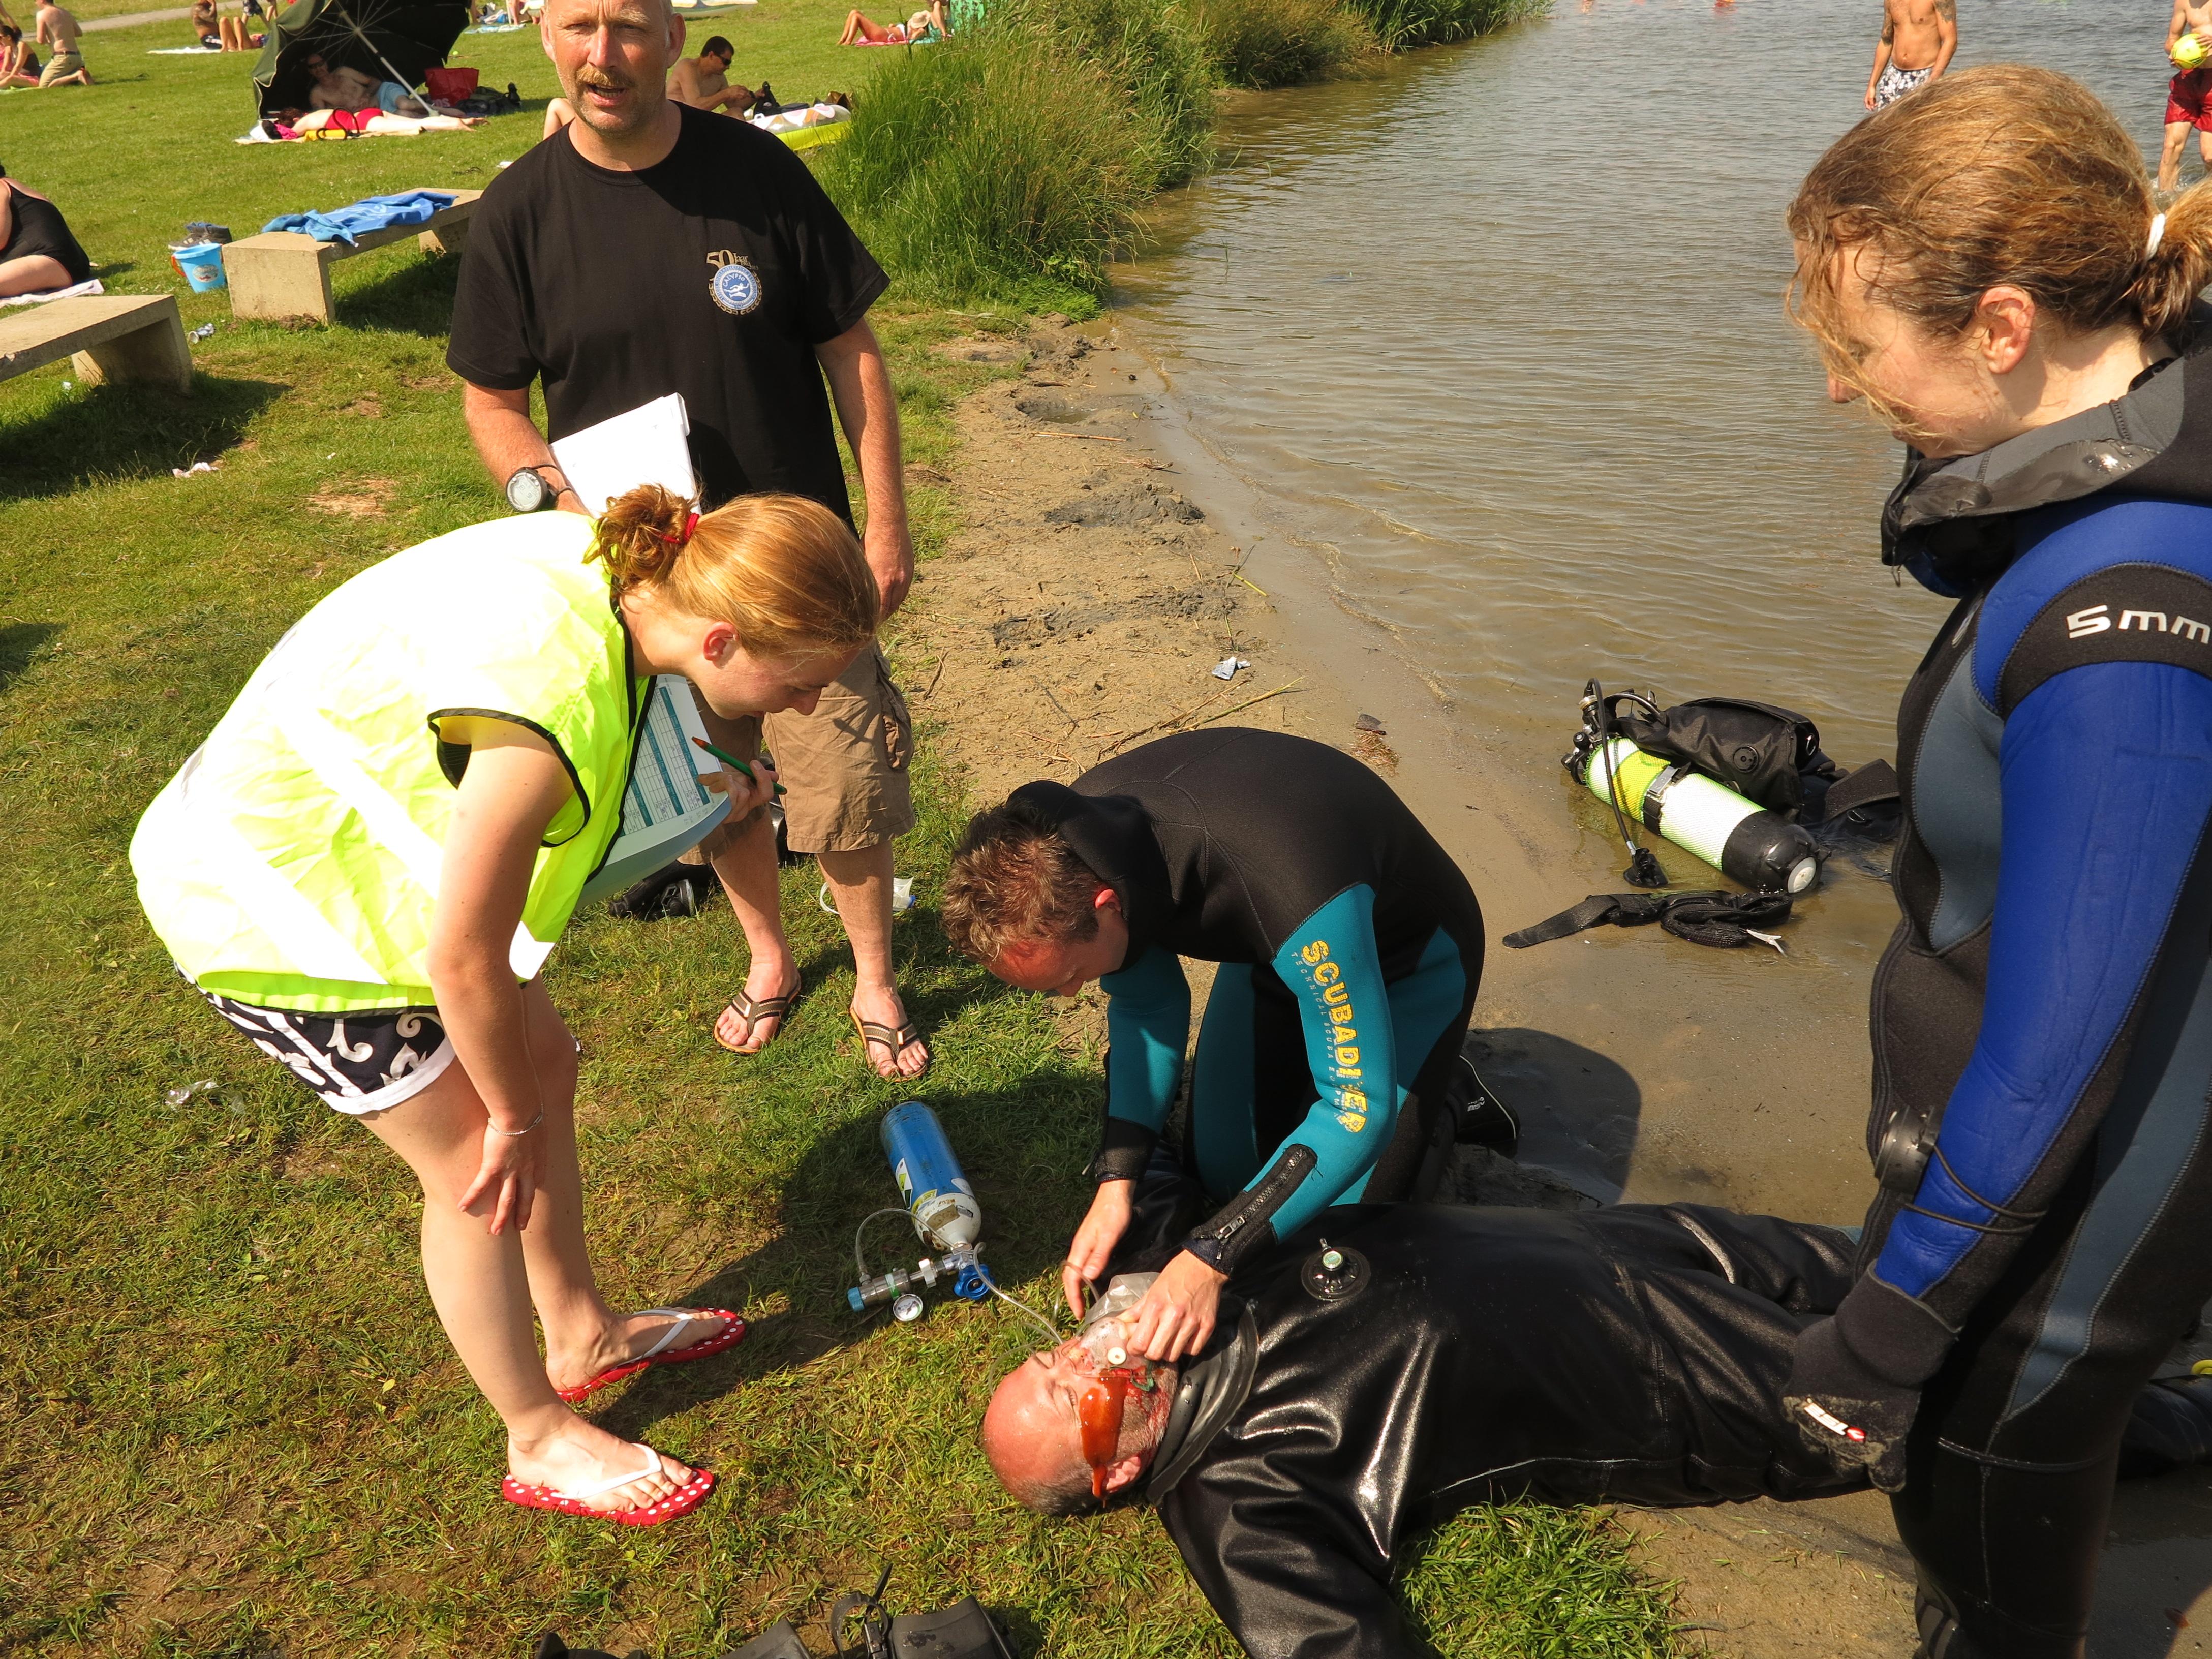 Eerste hulp bij ongevallen voor duikers